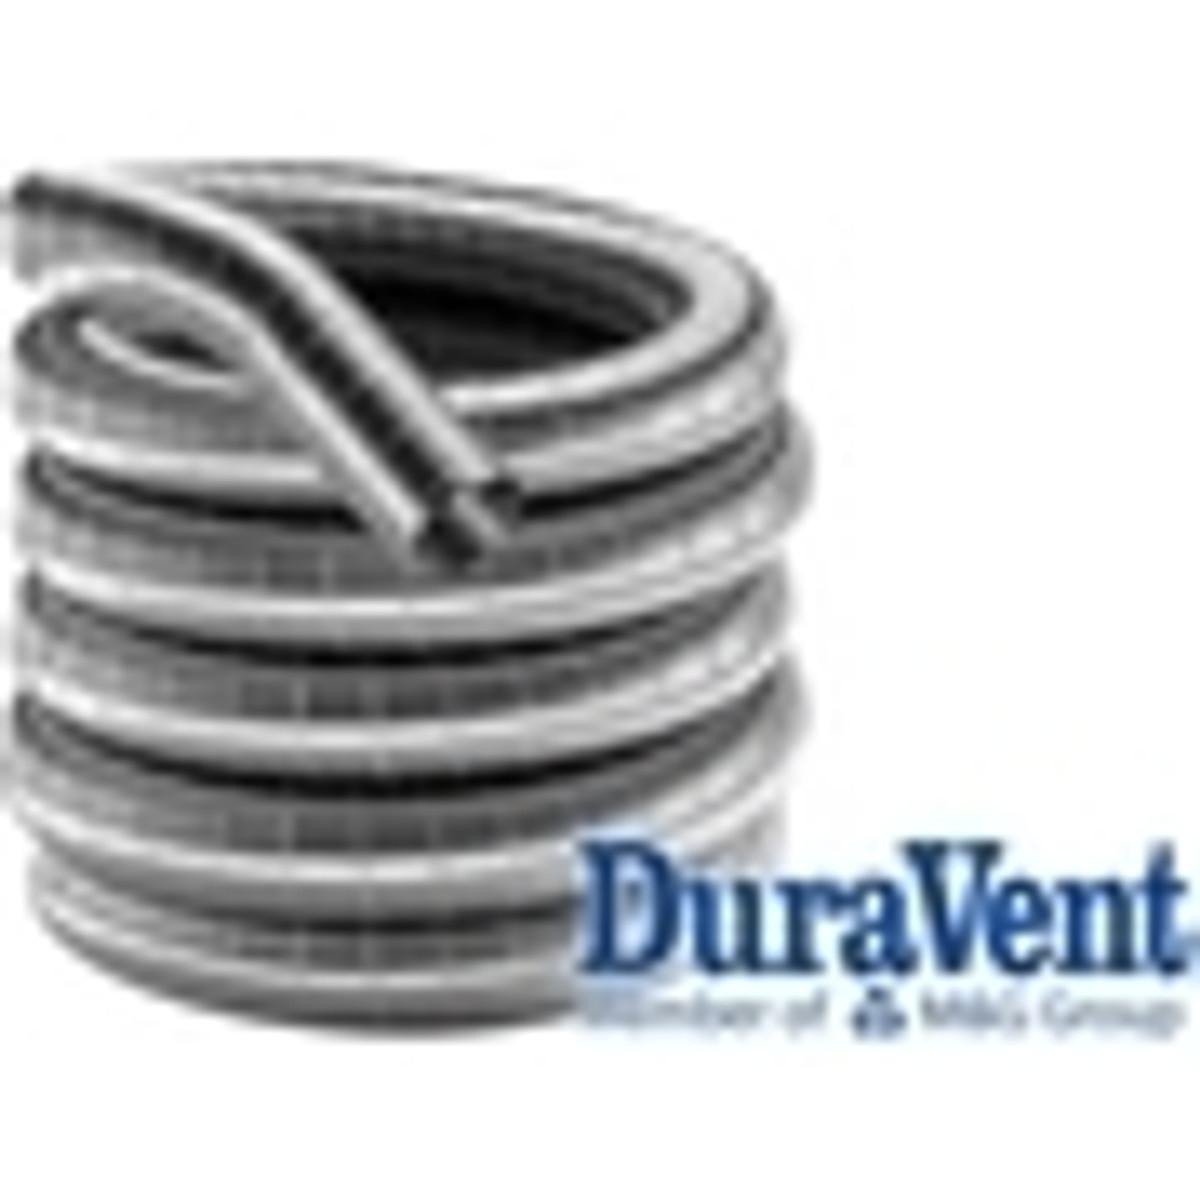 3'' DuraFlex Aluminum Gas Chimney Liner